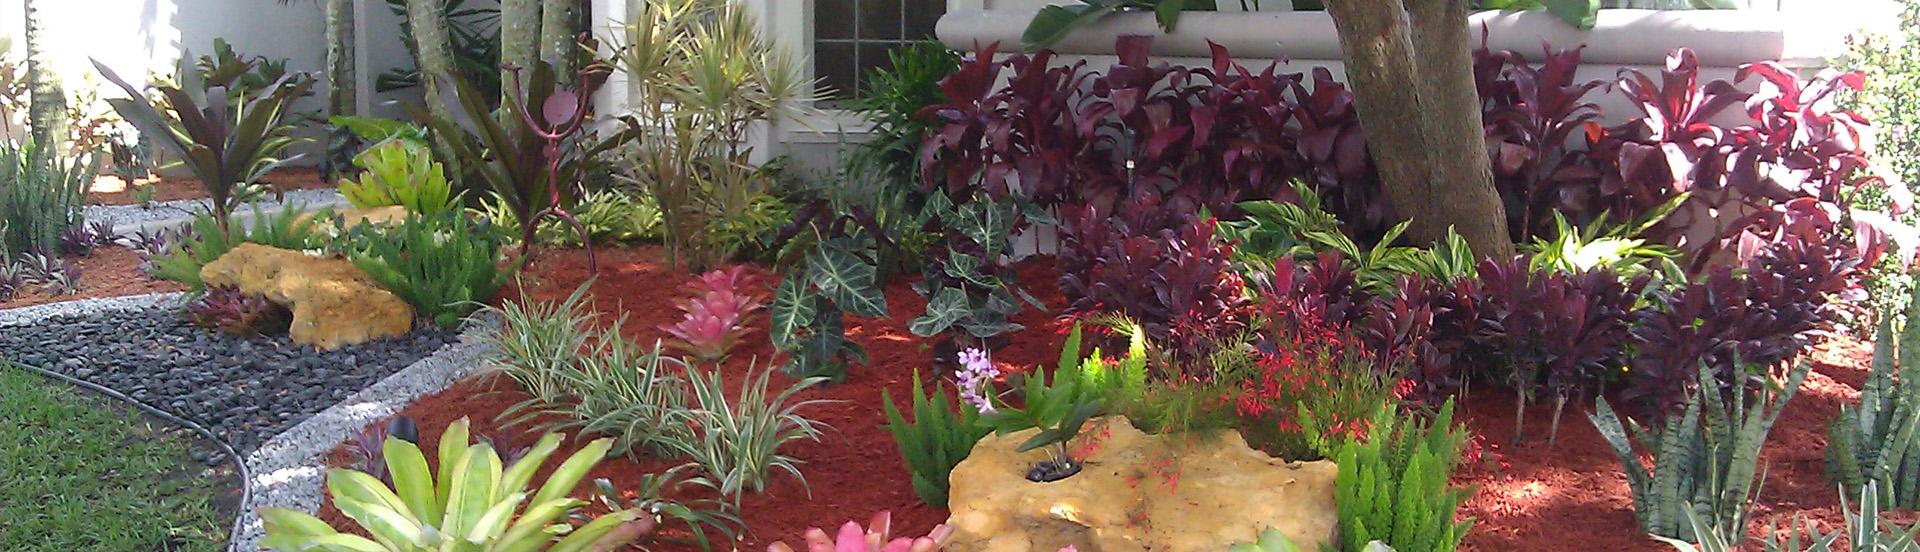 Garden Design Broward